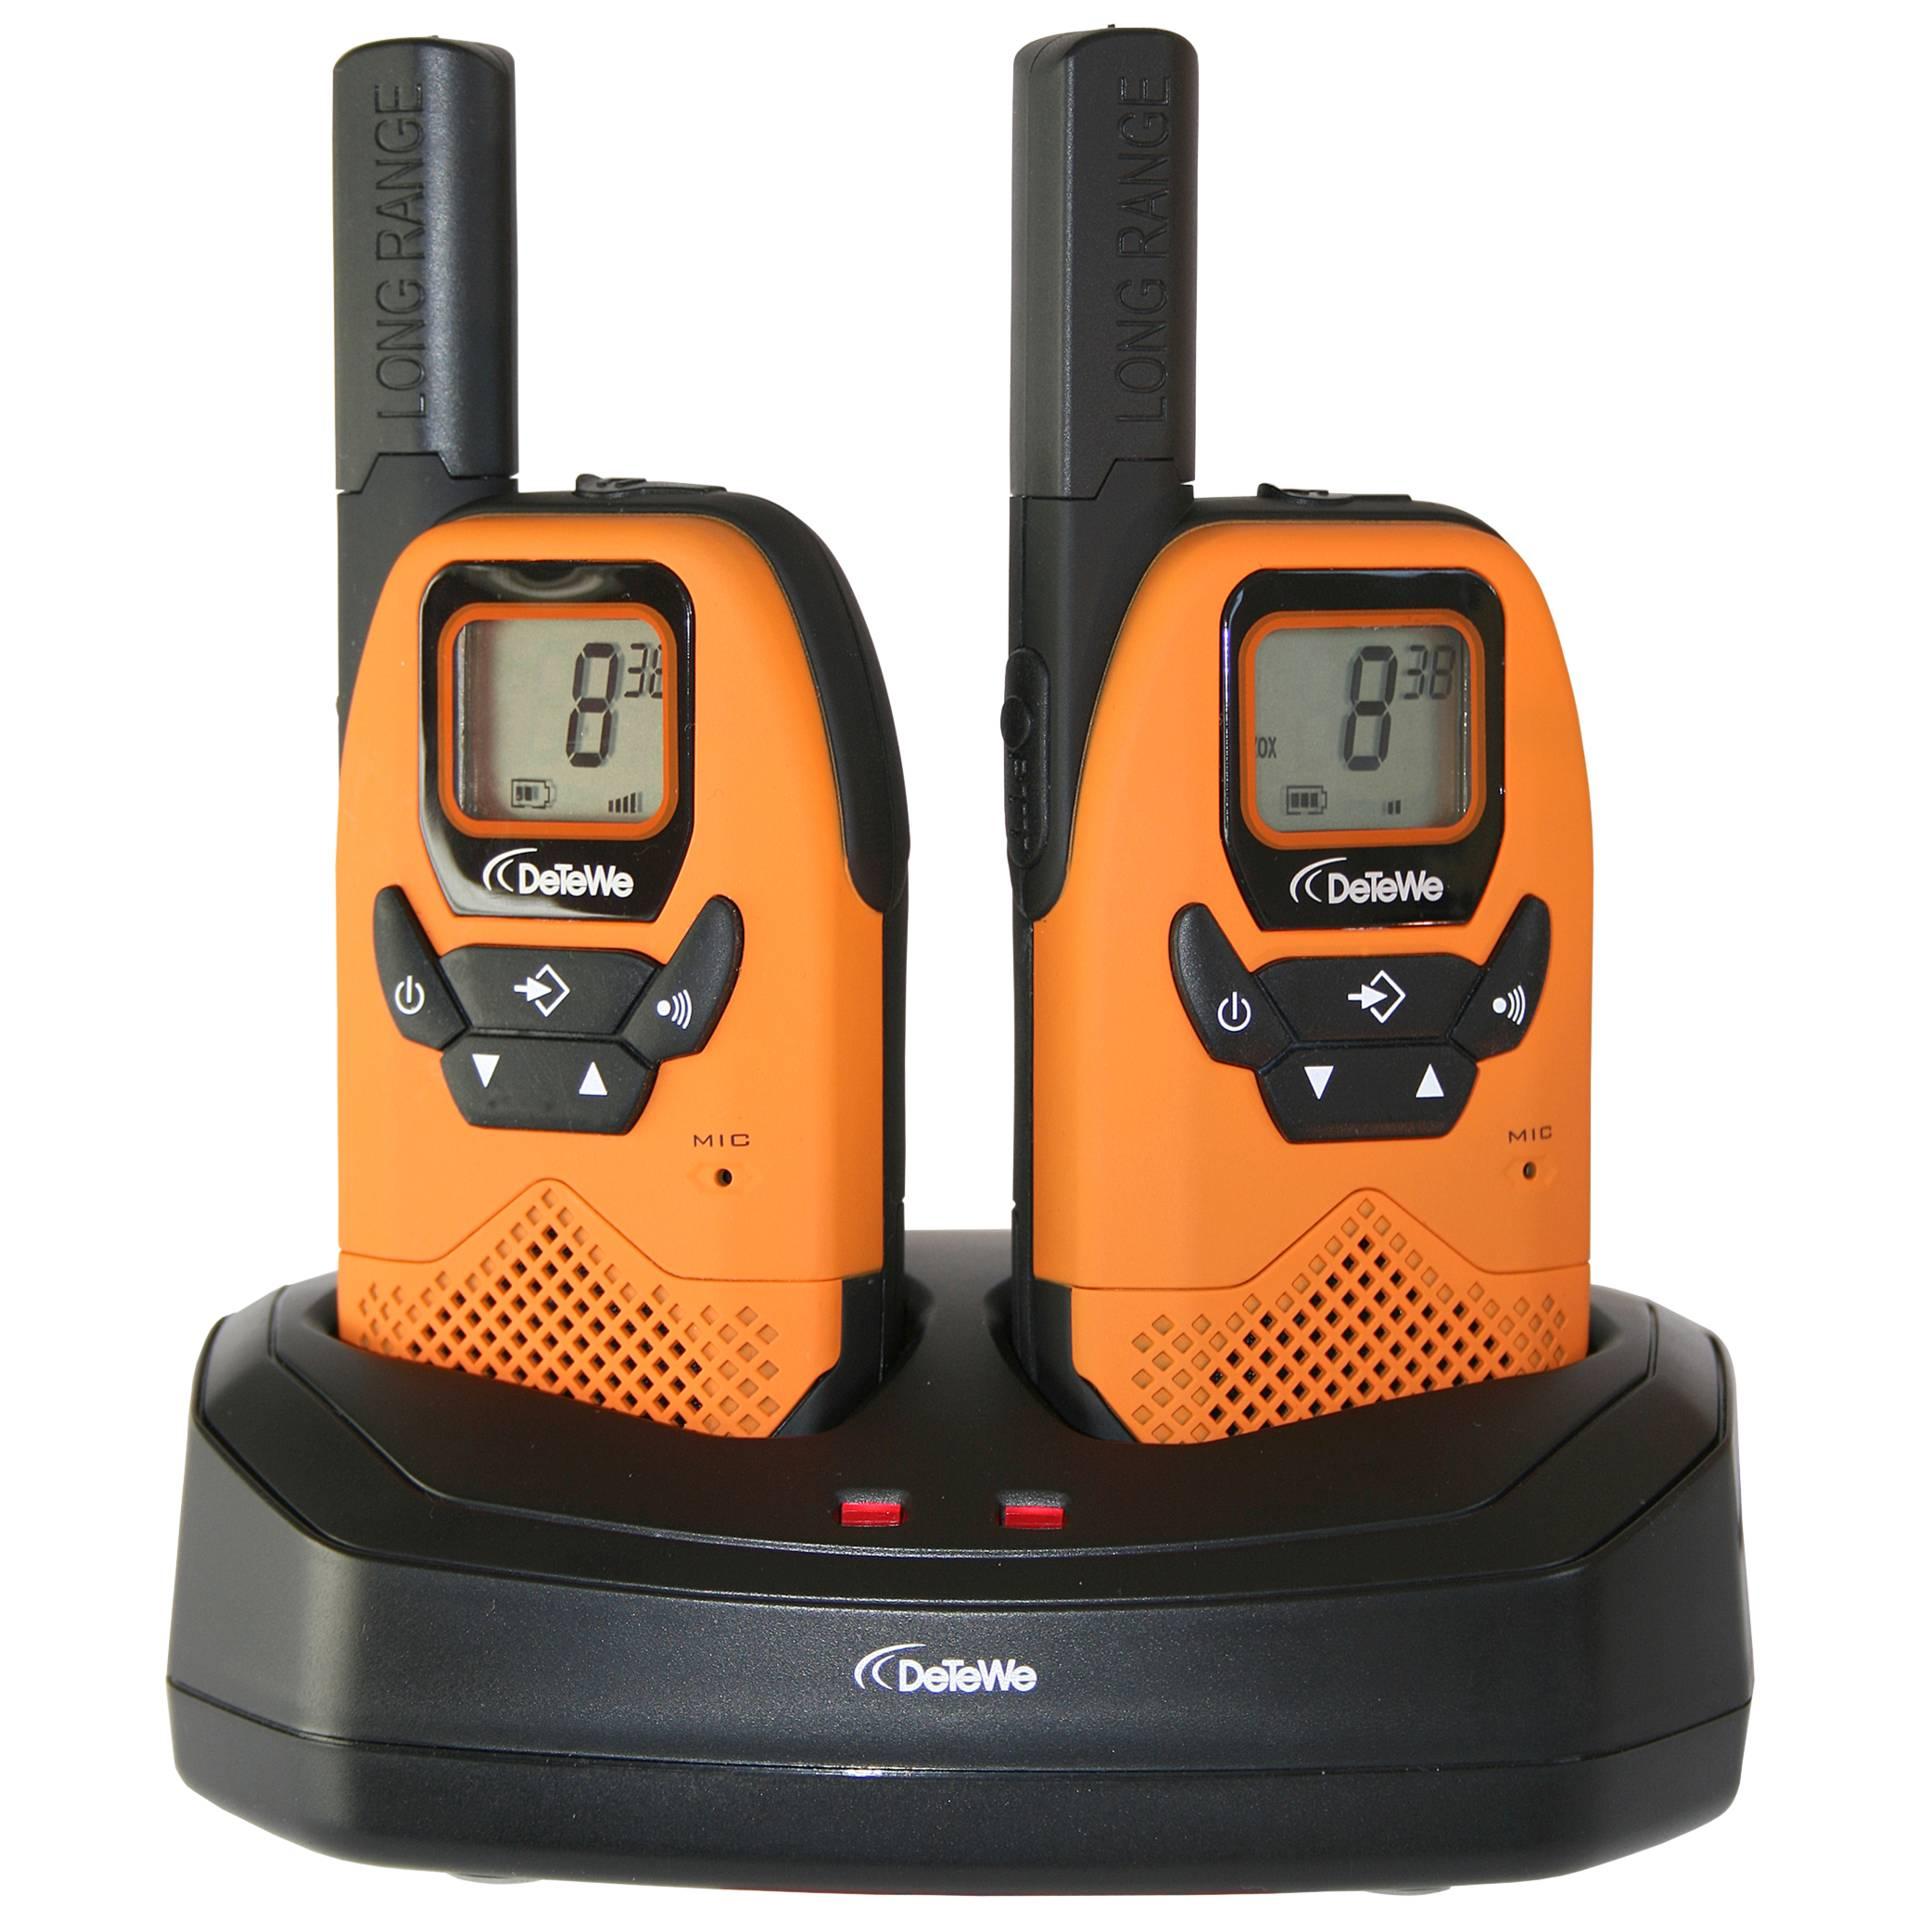 DeTeWe Outdoor 8000 Duo Case PMR-Funkgerät